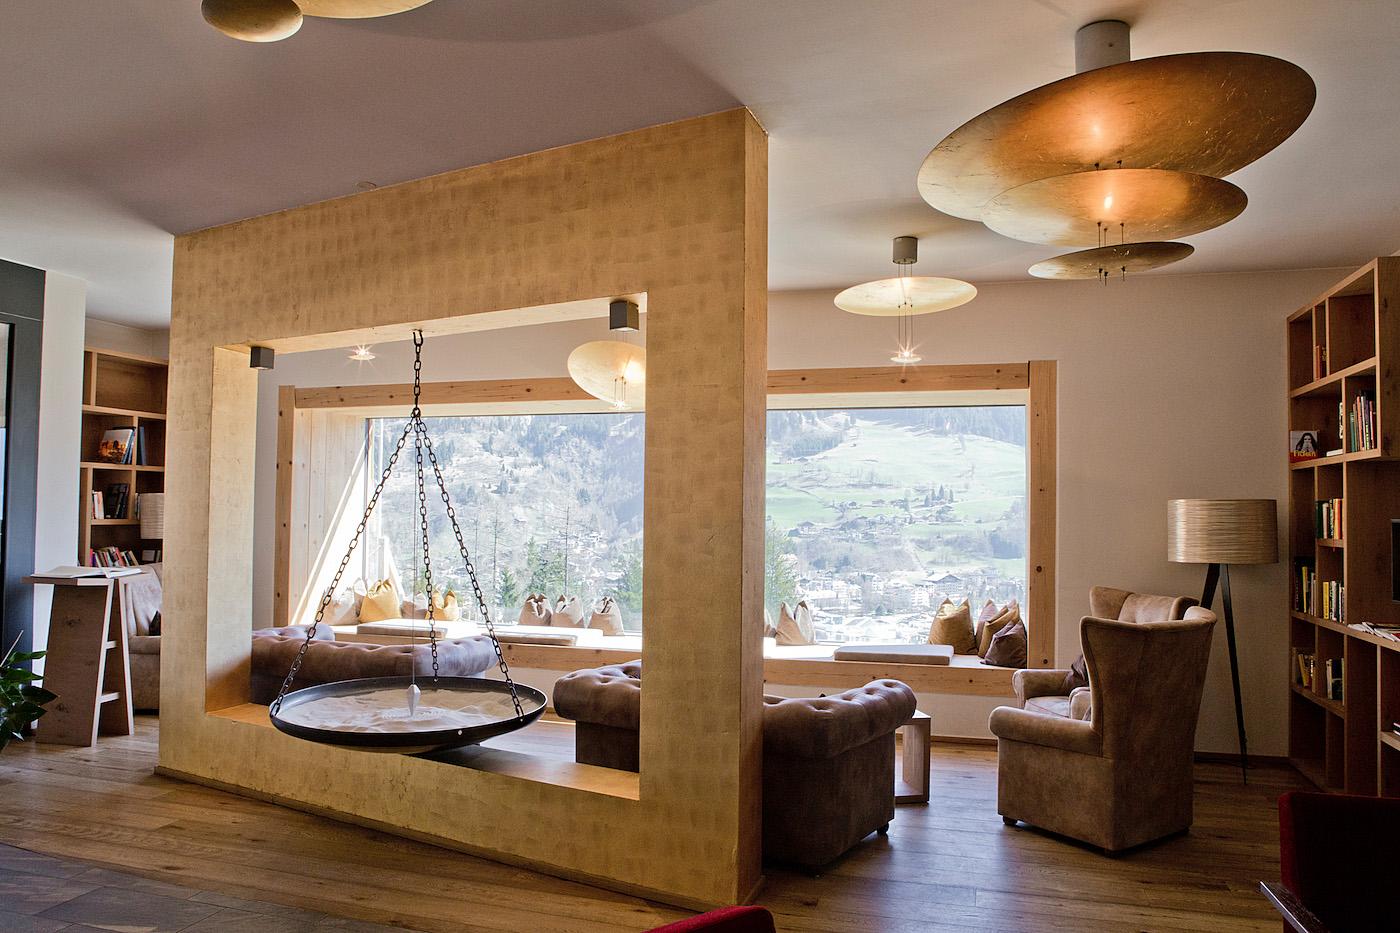 Fein fashionable design bad hofgastein hotel fotos die for Design hotel salzburger land